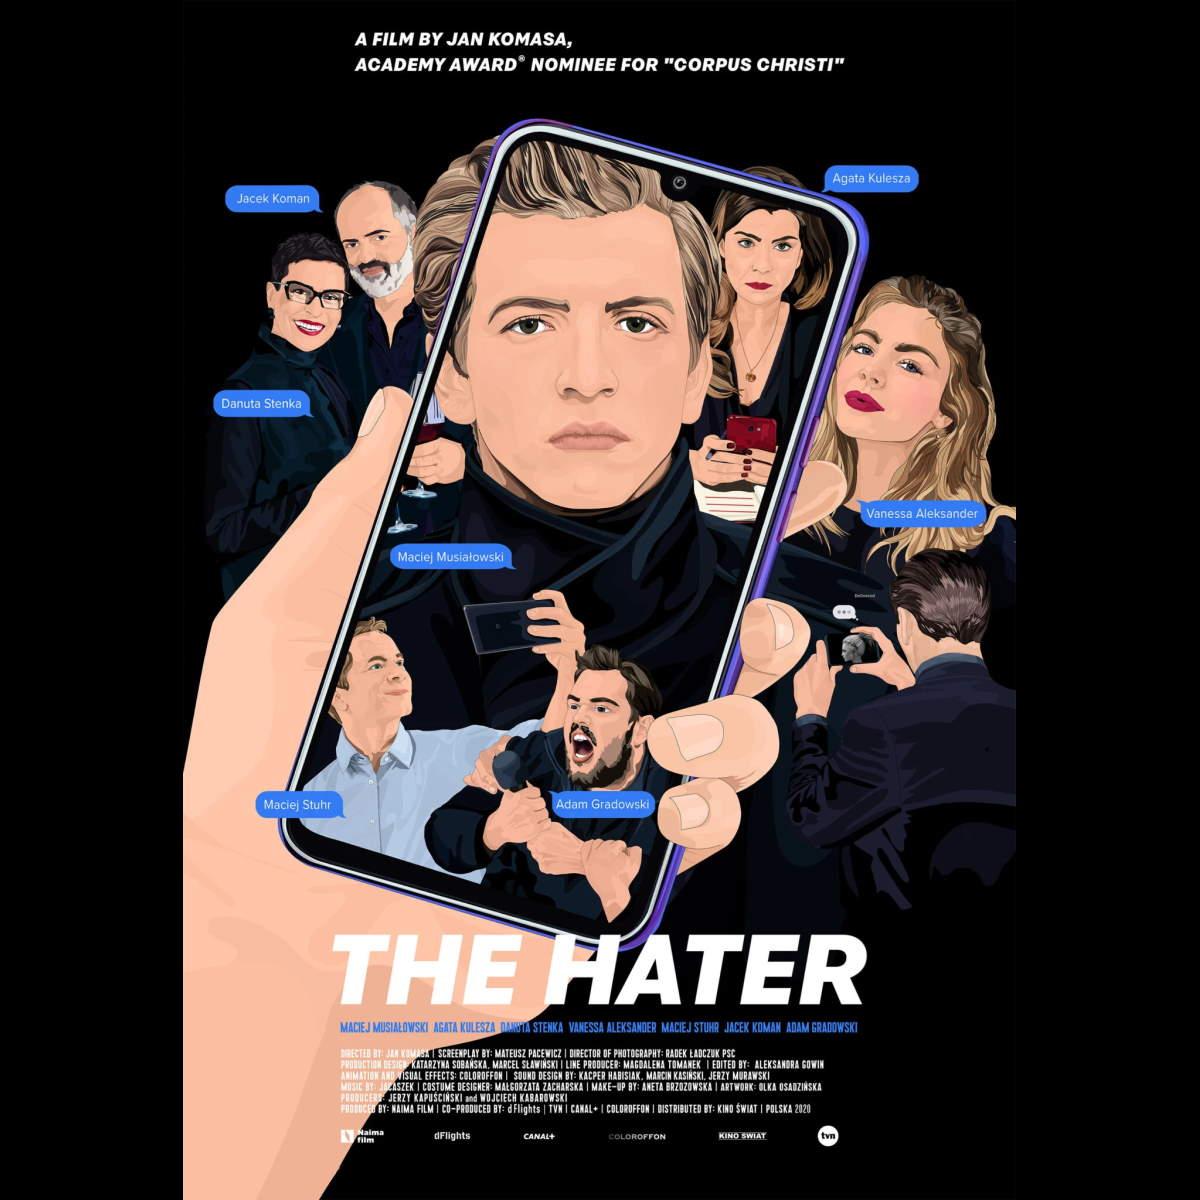 The hater è un saggio monumentale sull'uso distorto dei social media